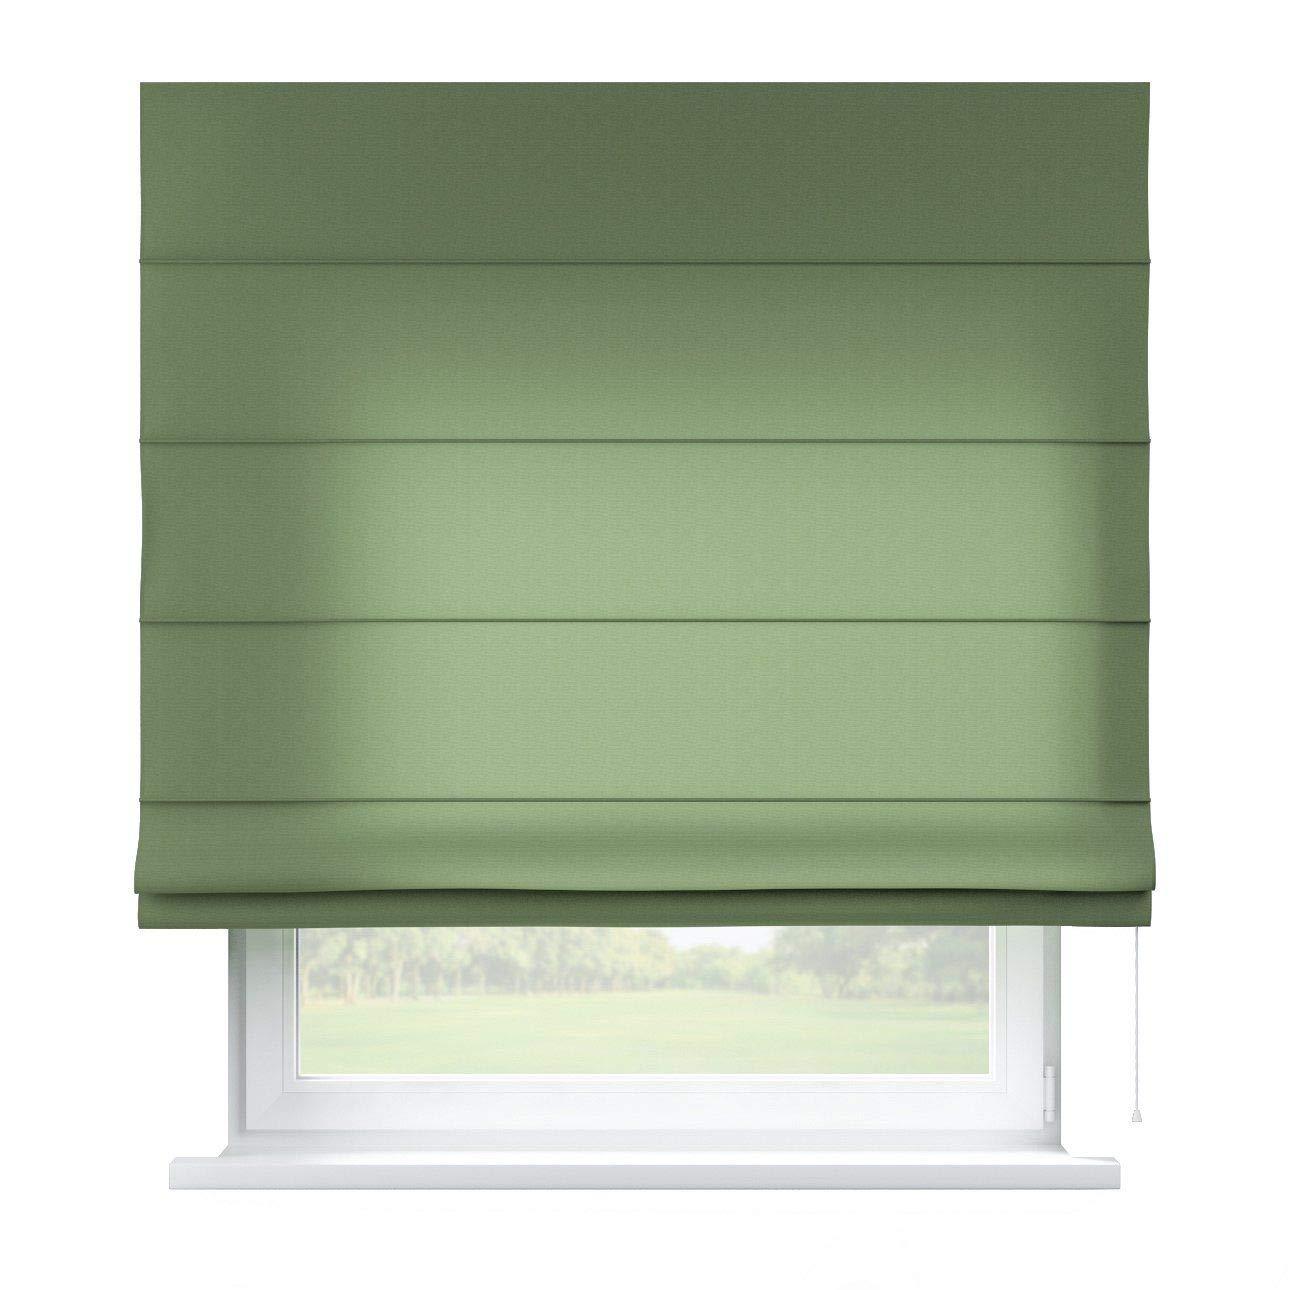 Dekoria Raffrollo Capri ohne Bohren Blickdicht Faltvorhang Raffgardine Wohnzimmer Schlafzimmer Kinderzimmer 160 × 170 cm grün Raffrollos auf Maß maßanfertigung möglich